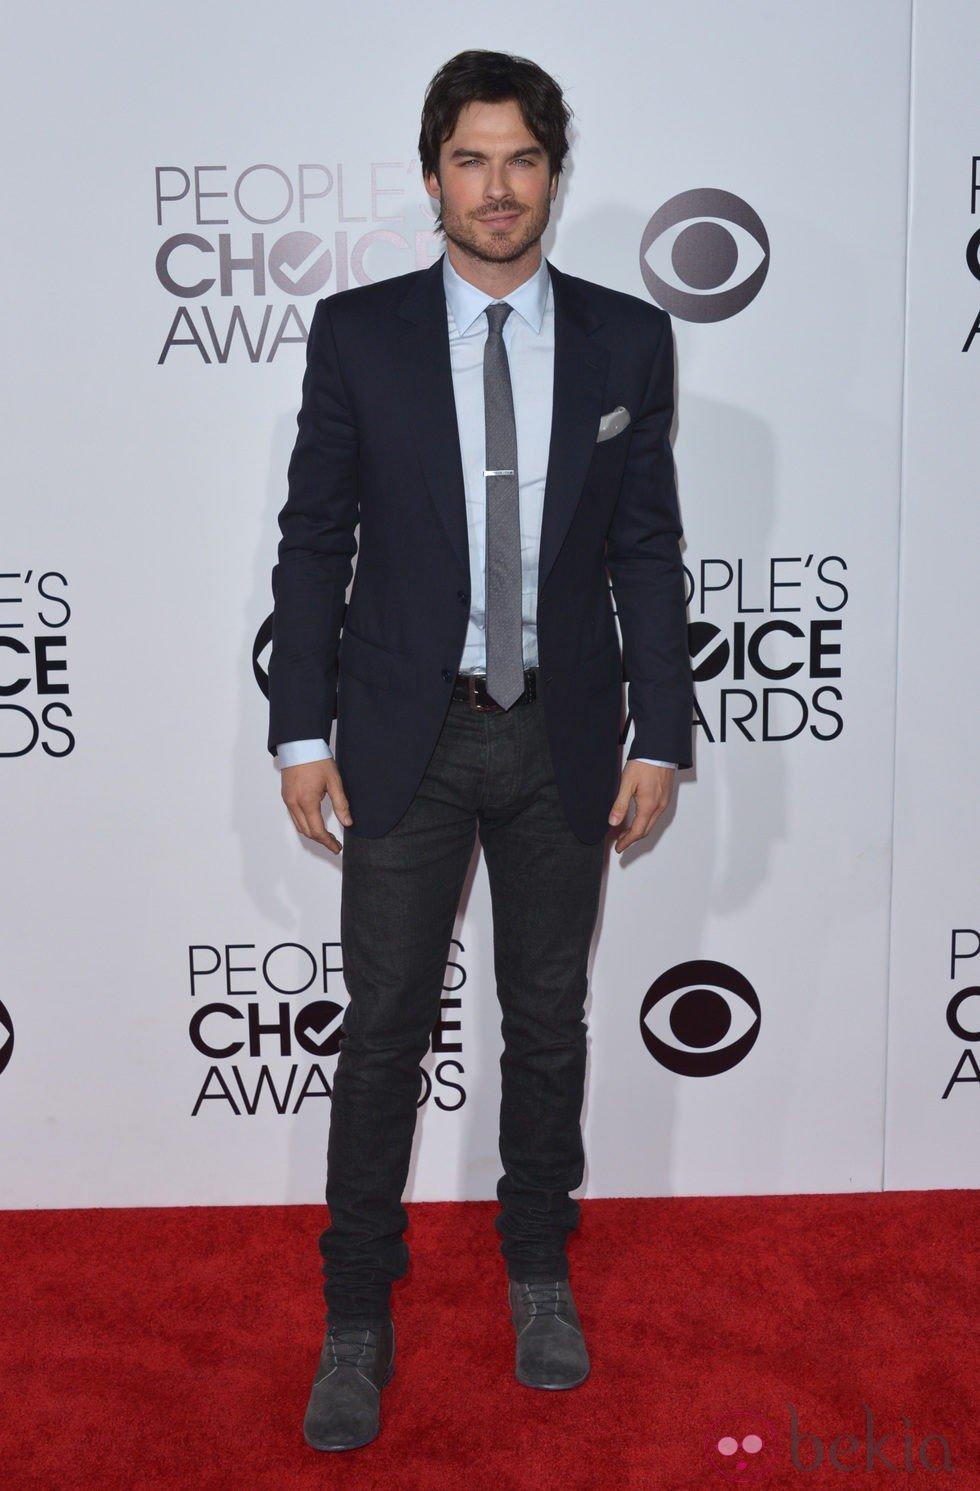 Ian Somerhalder en la alfombra roja de los People's Choice Awards 2014